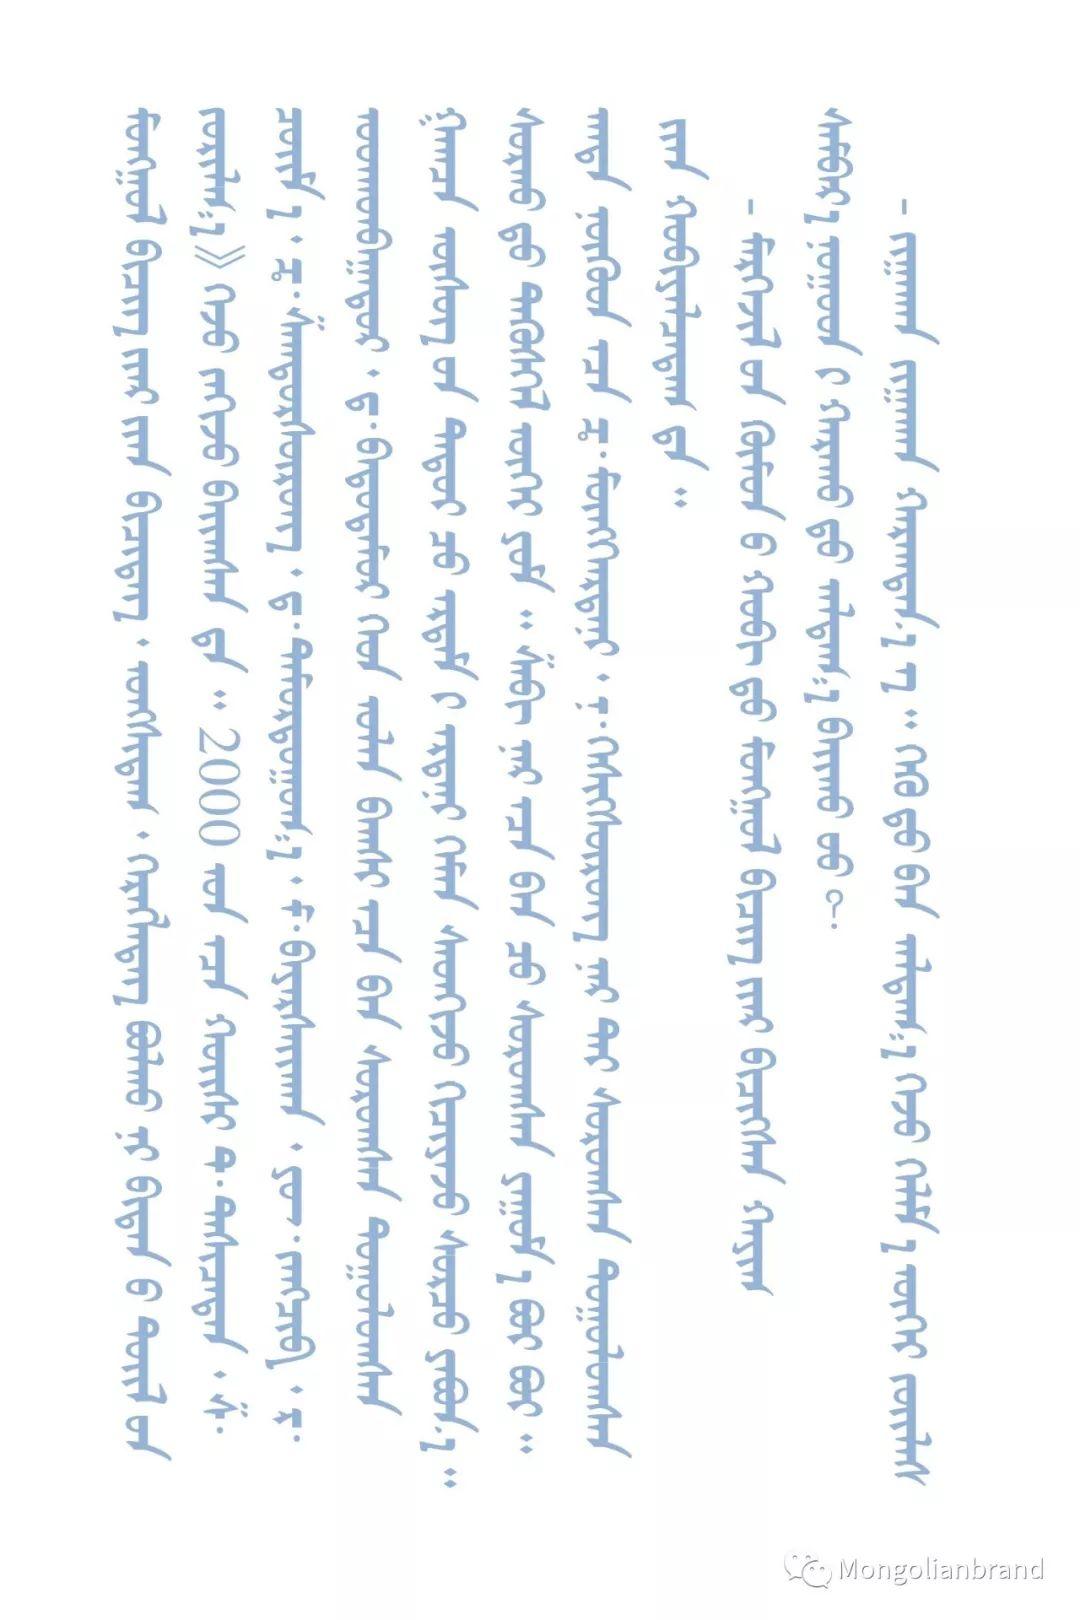 蒙古字体设计专家Jamiyansuren:让每个蒙古人掌握传统蒙古文是我们的终极目标 第27张 蒙古字体设计专家Jamiyansuren:让每个蒙古人掌握传统蒙古文是我们的终极目标 蒙古文化